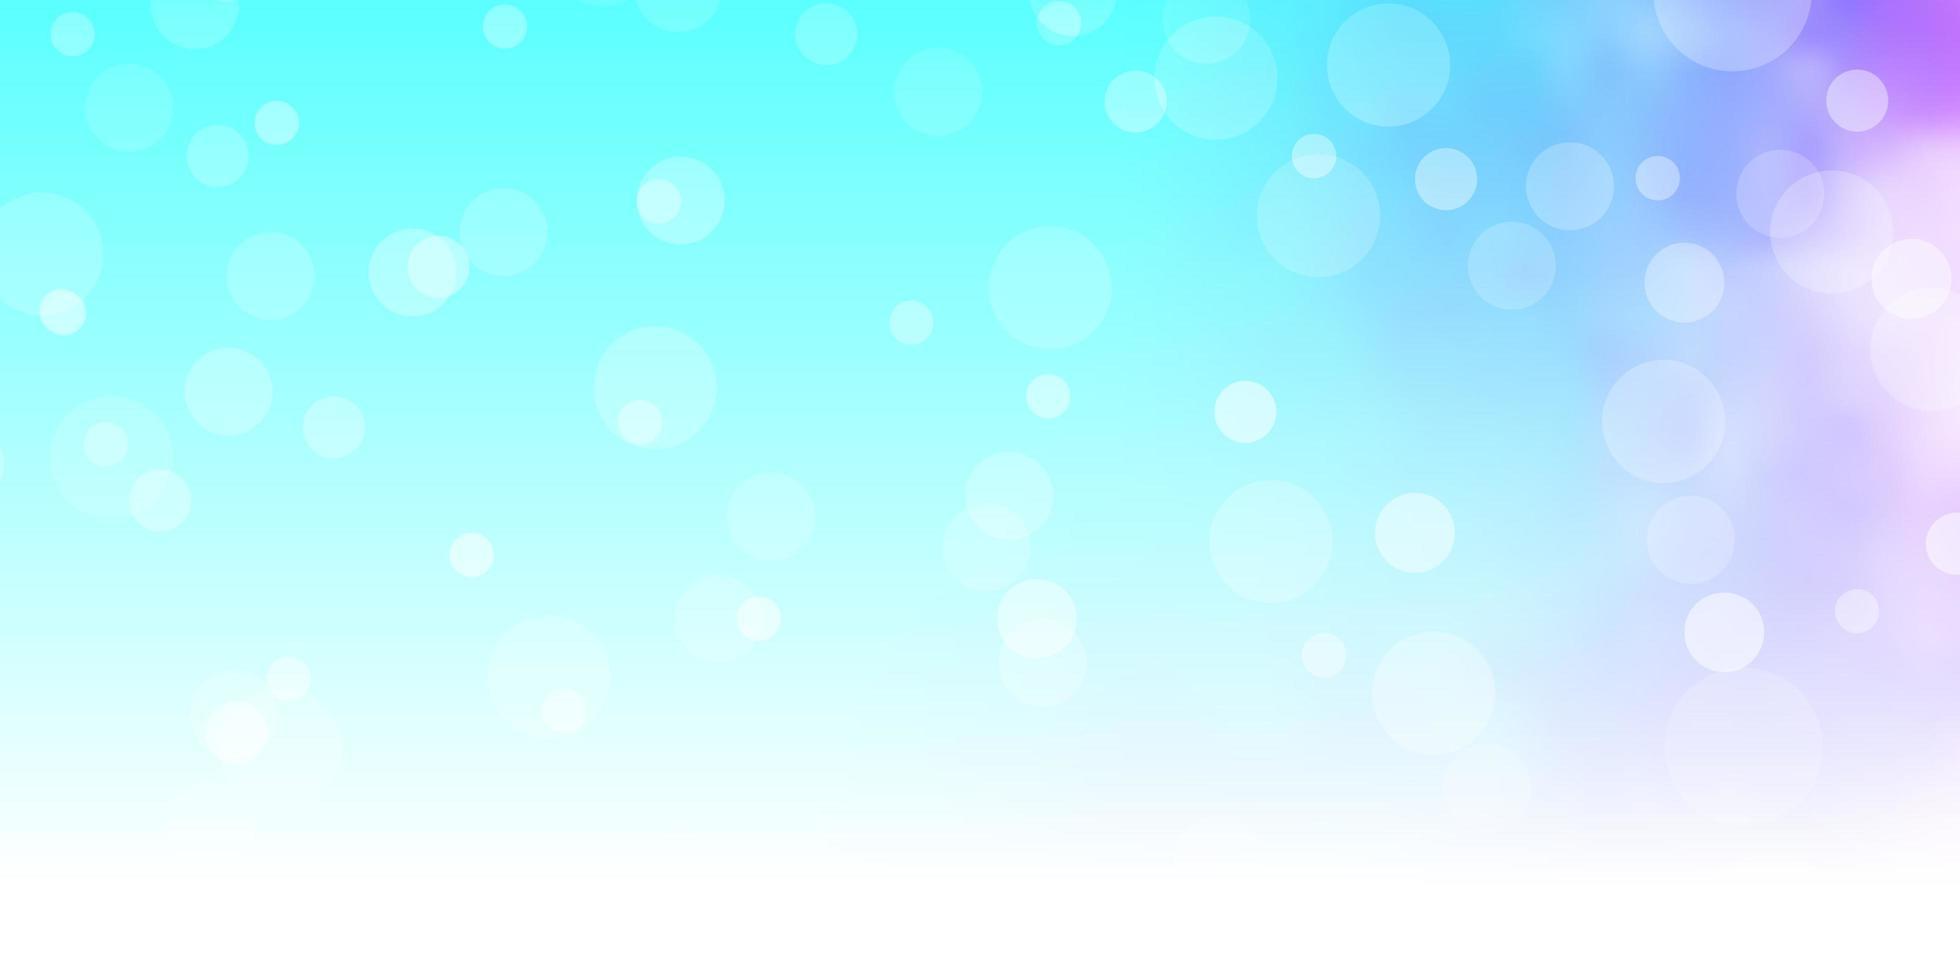 lichtroze, blauwe vectorachtergrond met cirkels. vector